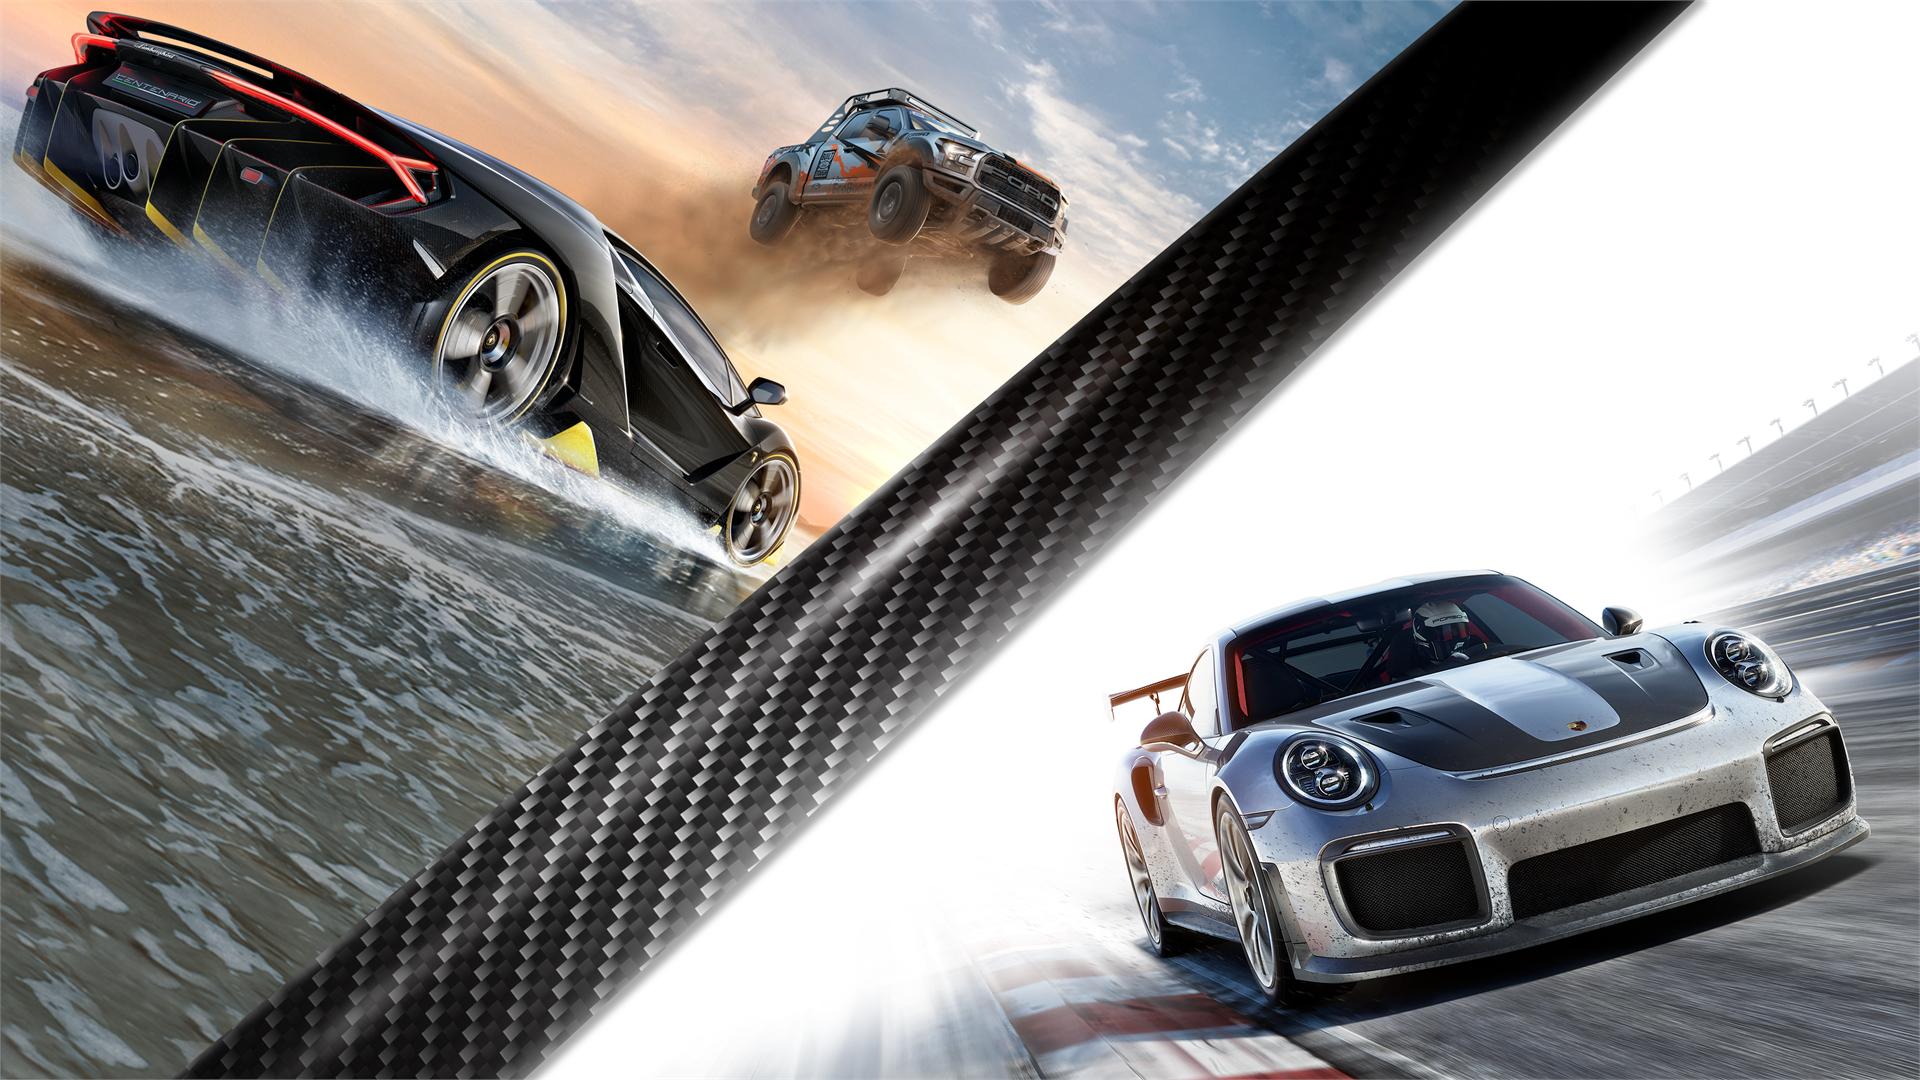 Paquete Forza Motorsport 7 y Forza Horizon 3